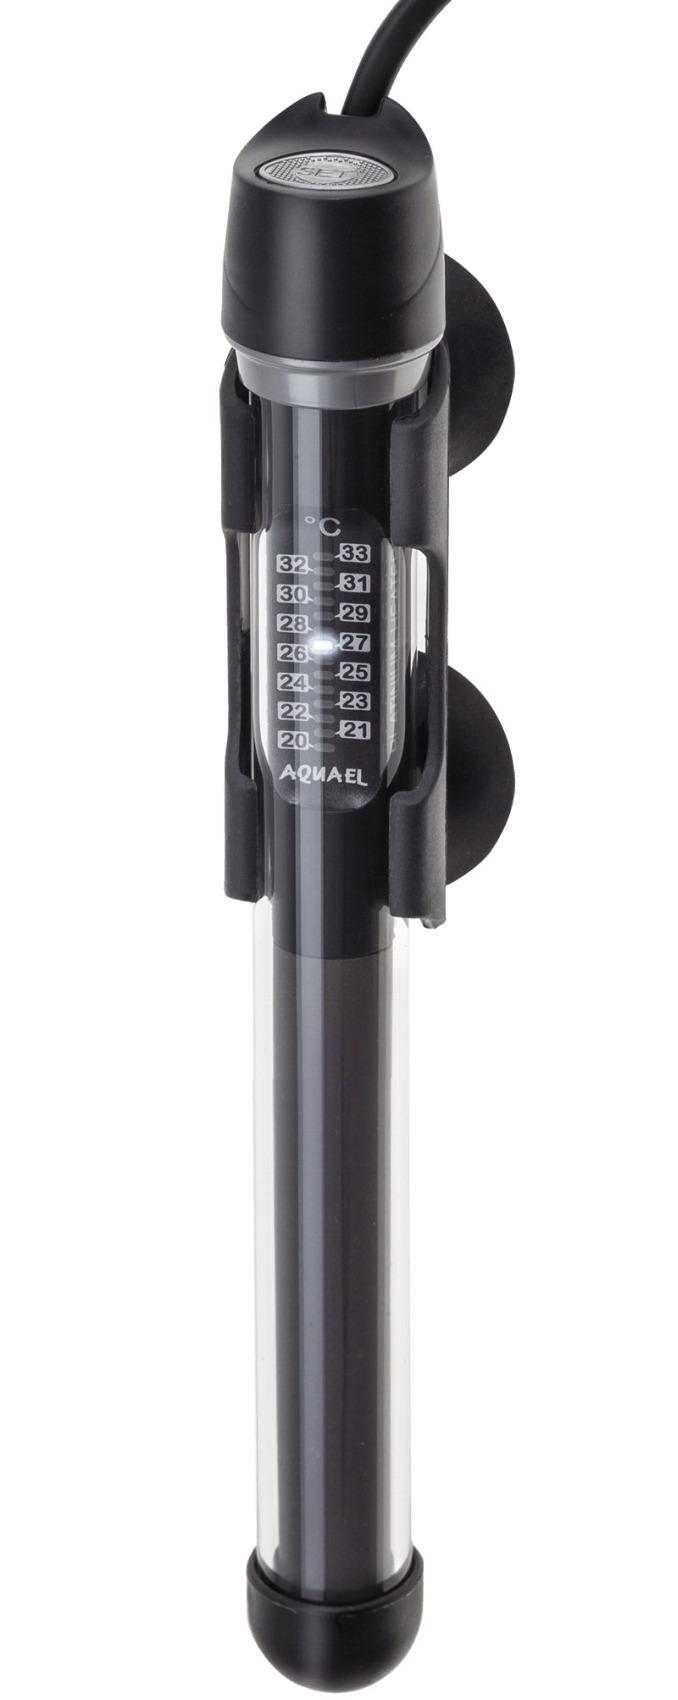 AQUAEL Platinium Heater 75W chauffage pour aquarium de 35 à 75L avec thermostat électronique intégré